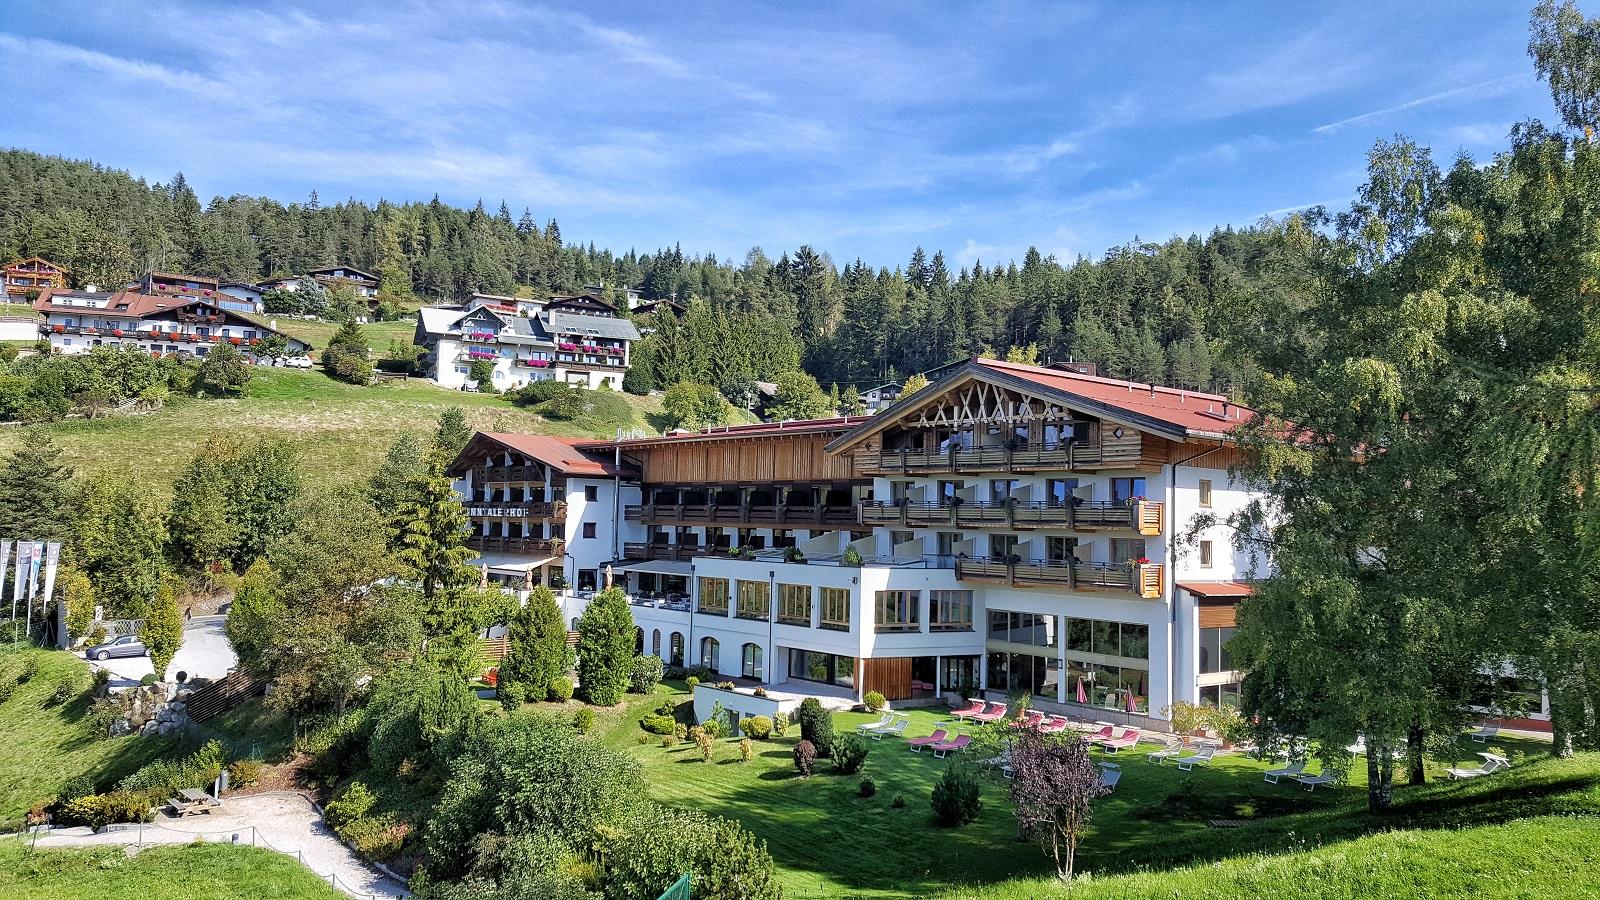 Recenzja: Panoramahotel Inntalerhof – hotel sportowców i cudów natury